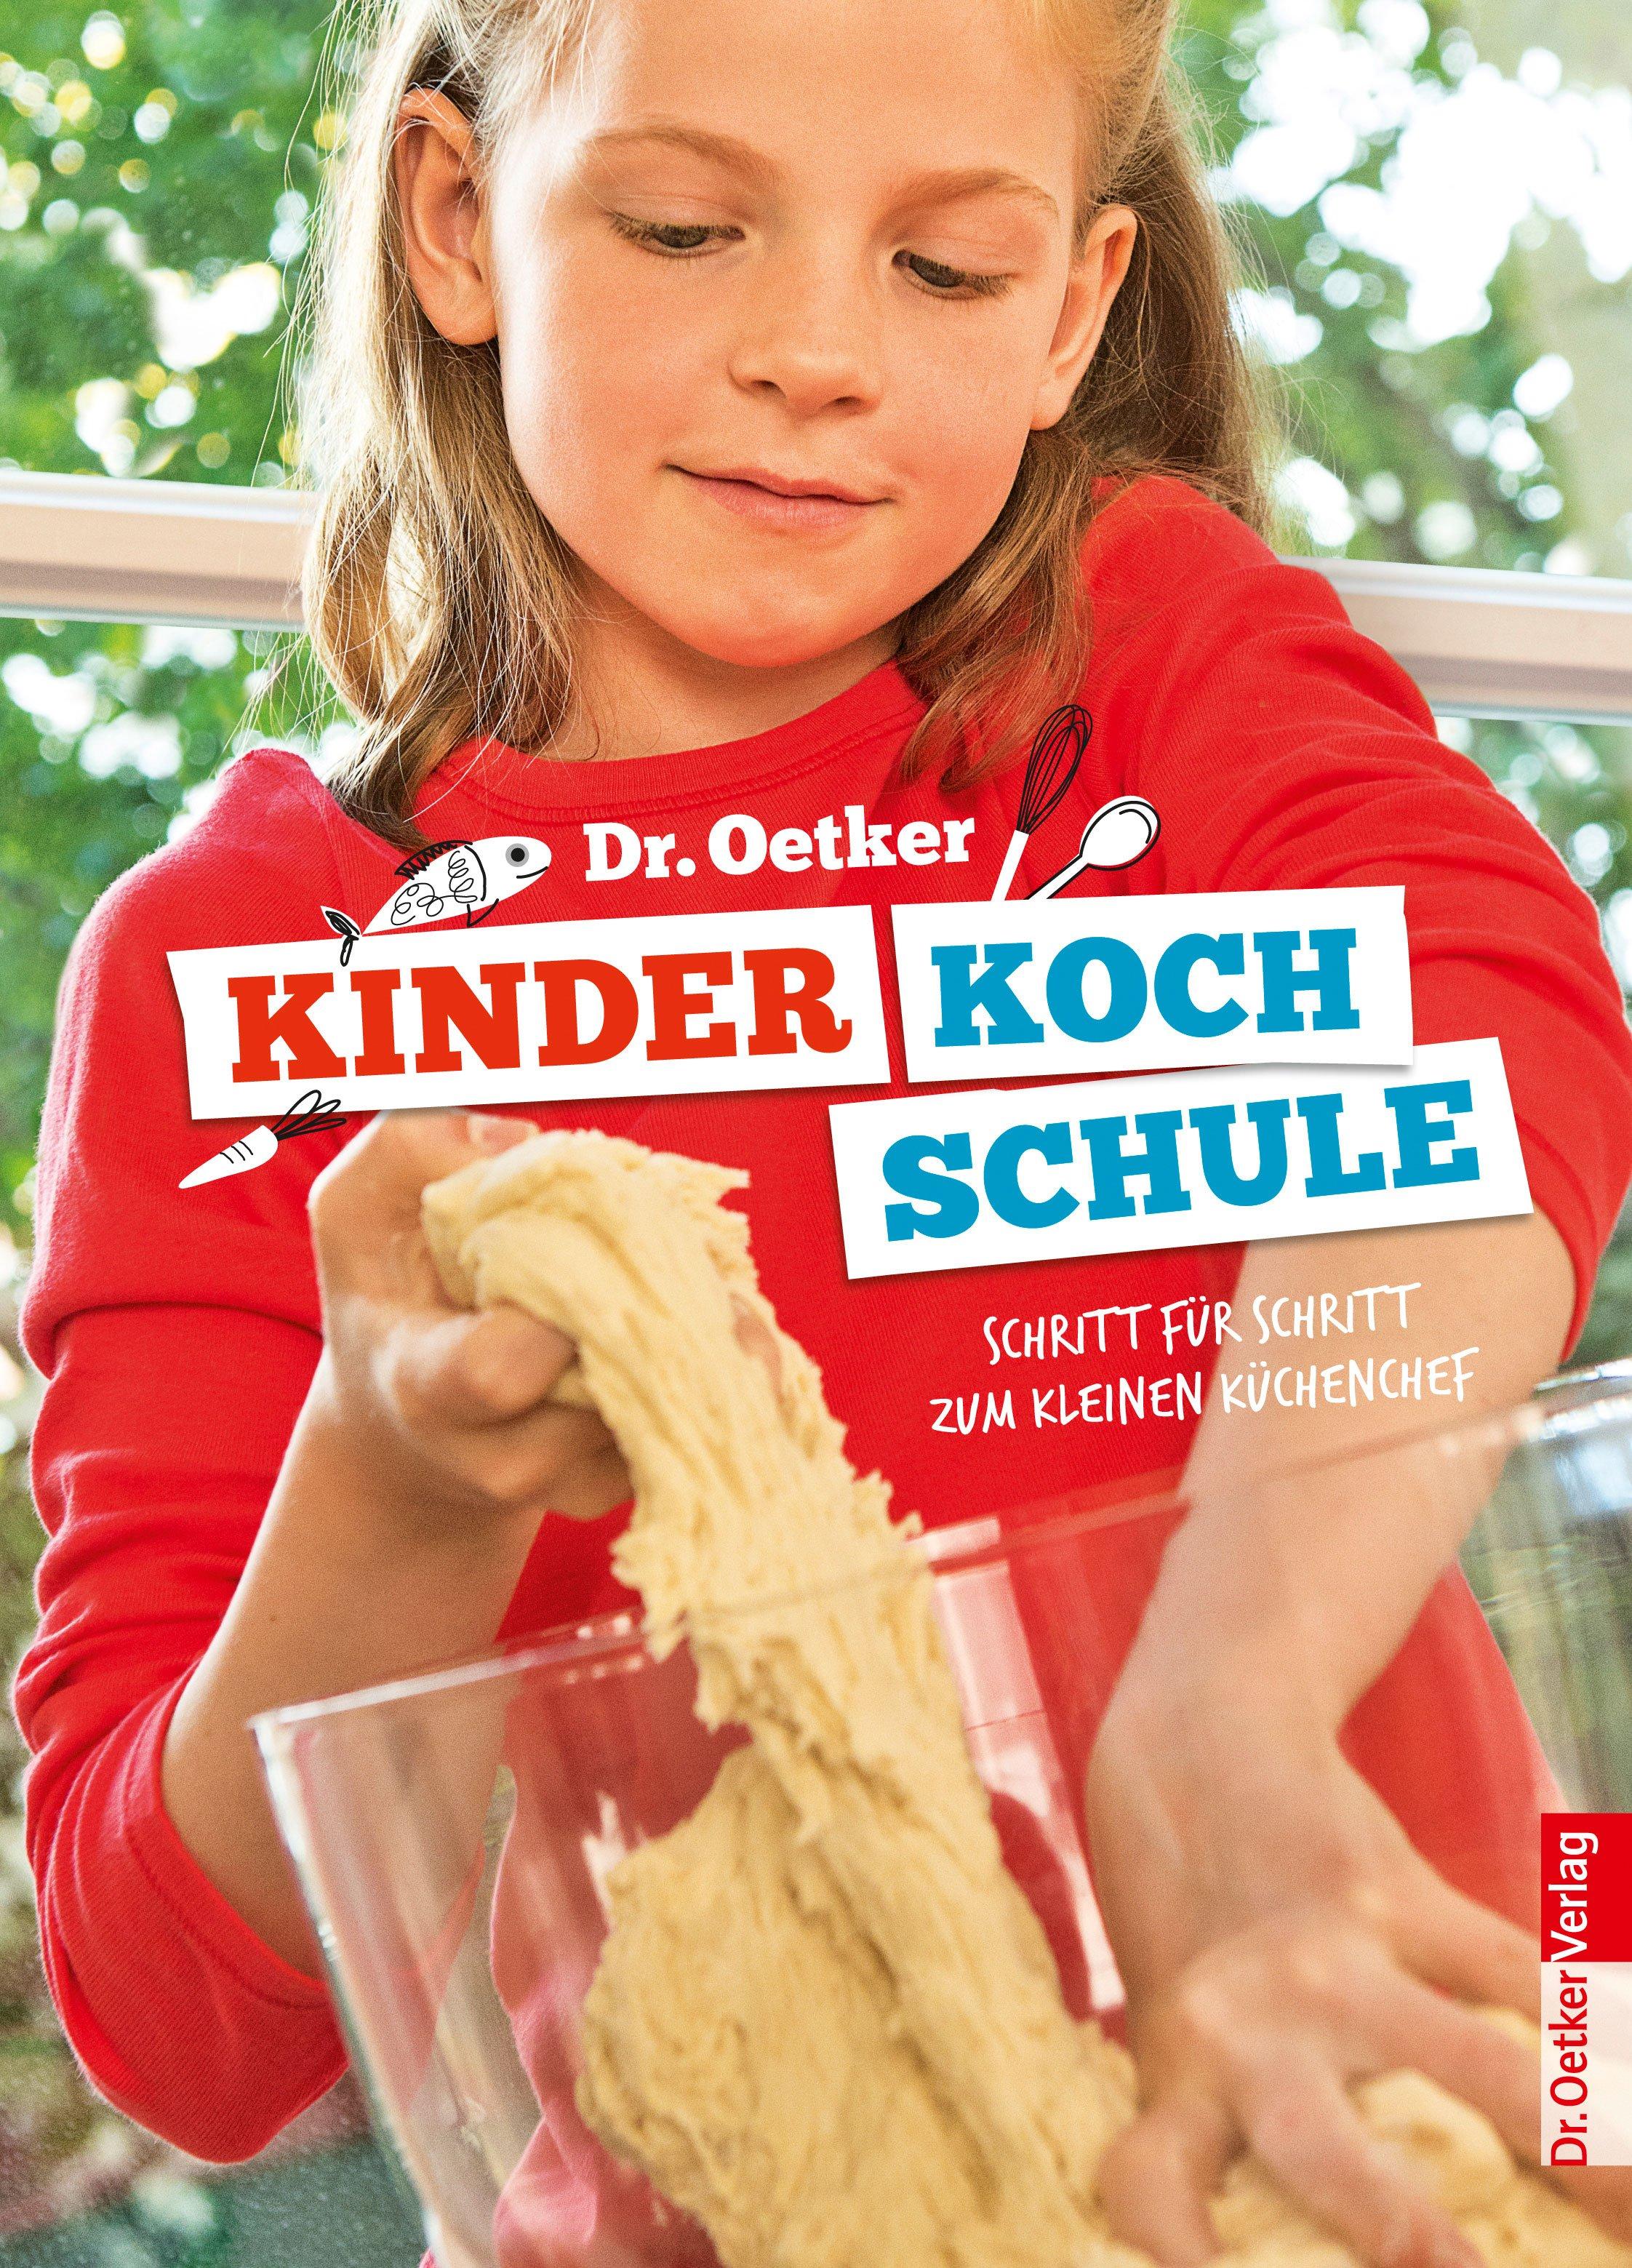 Kinderkochschule Dr. Oetker